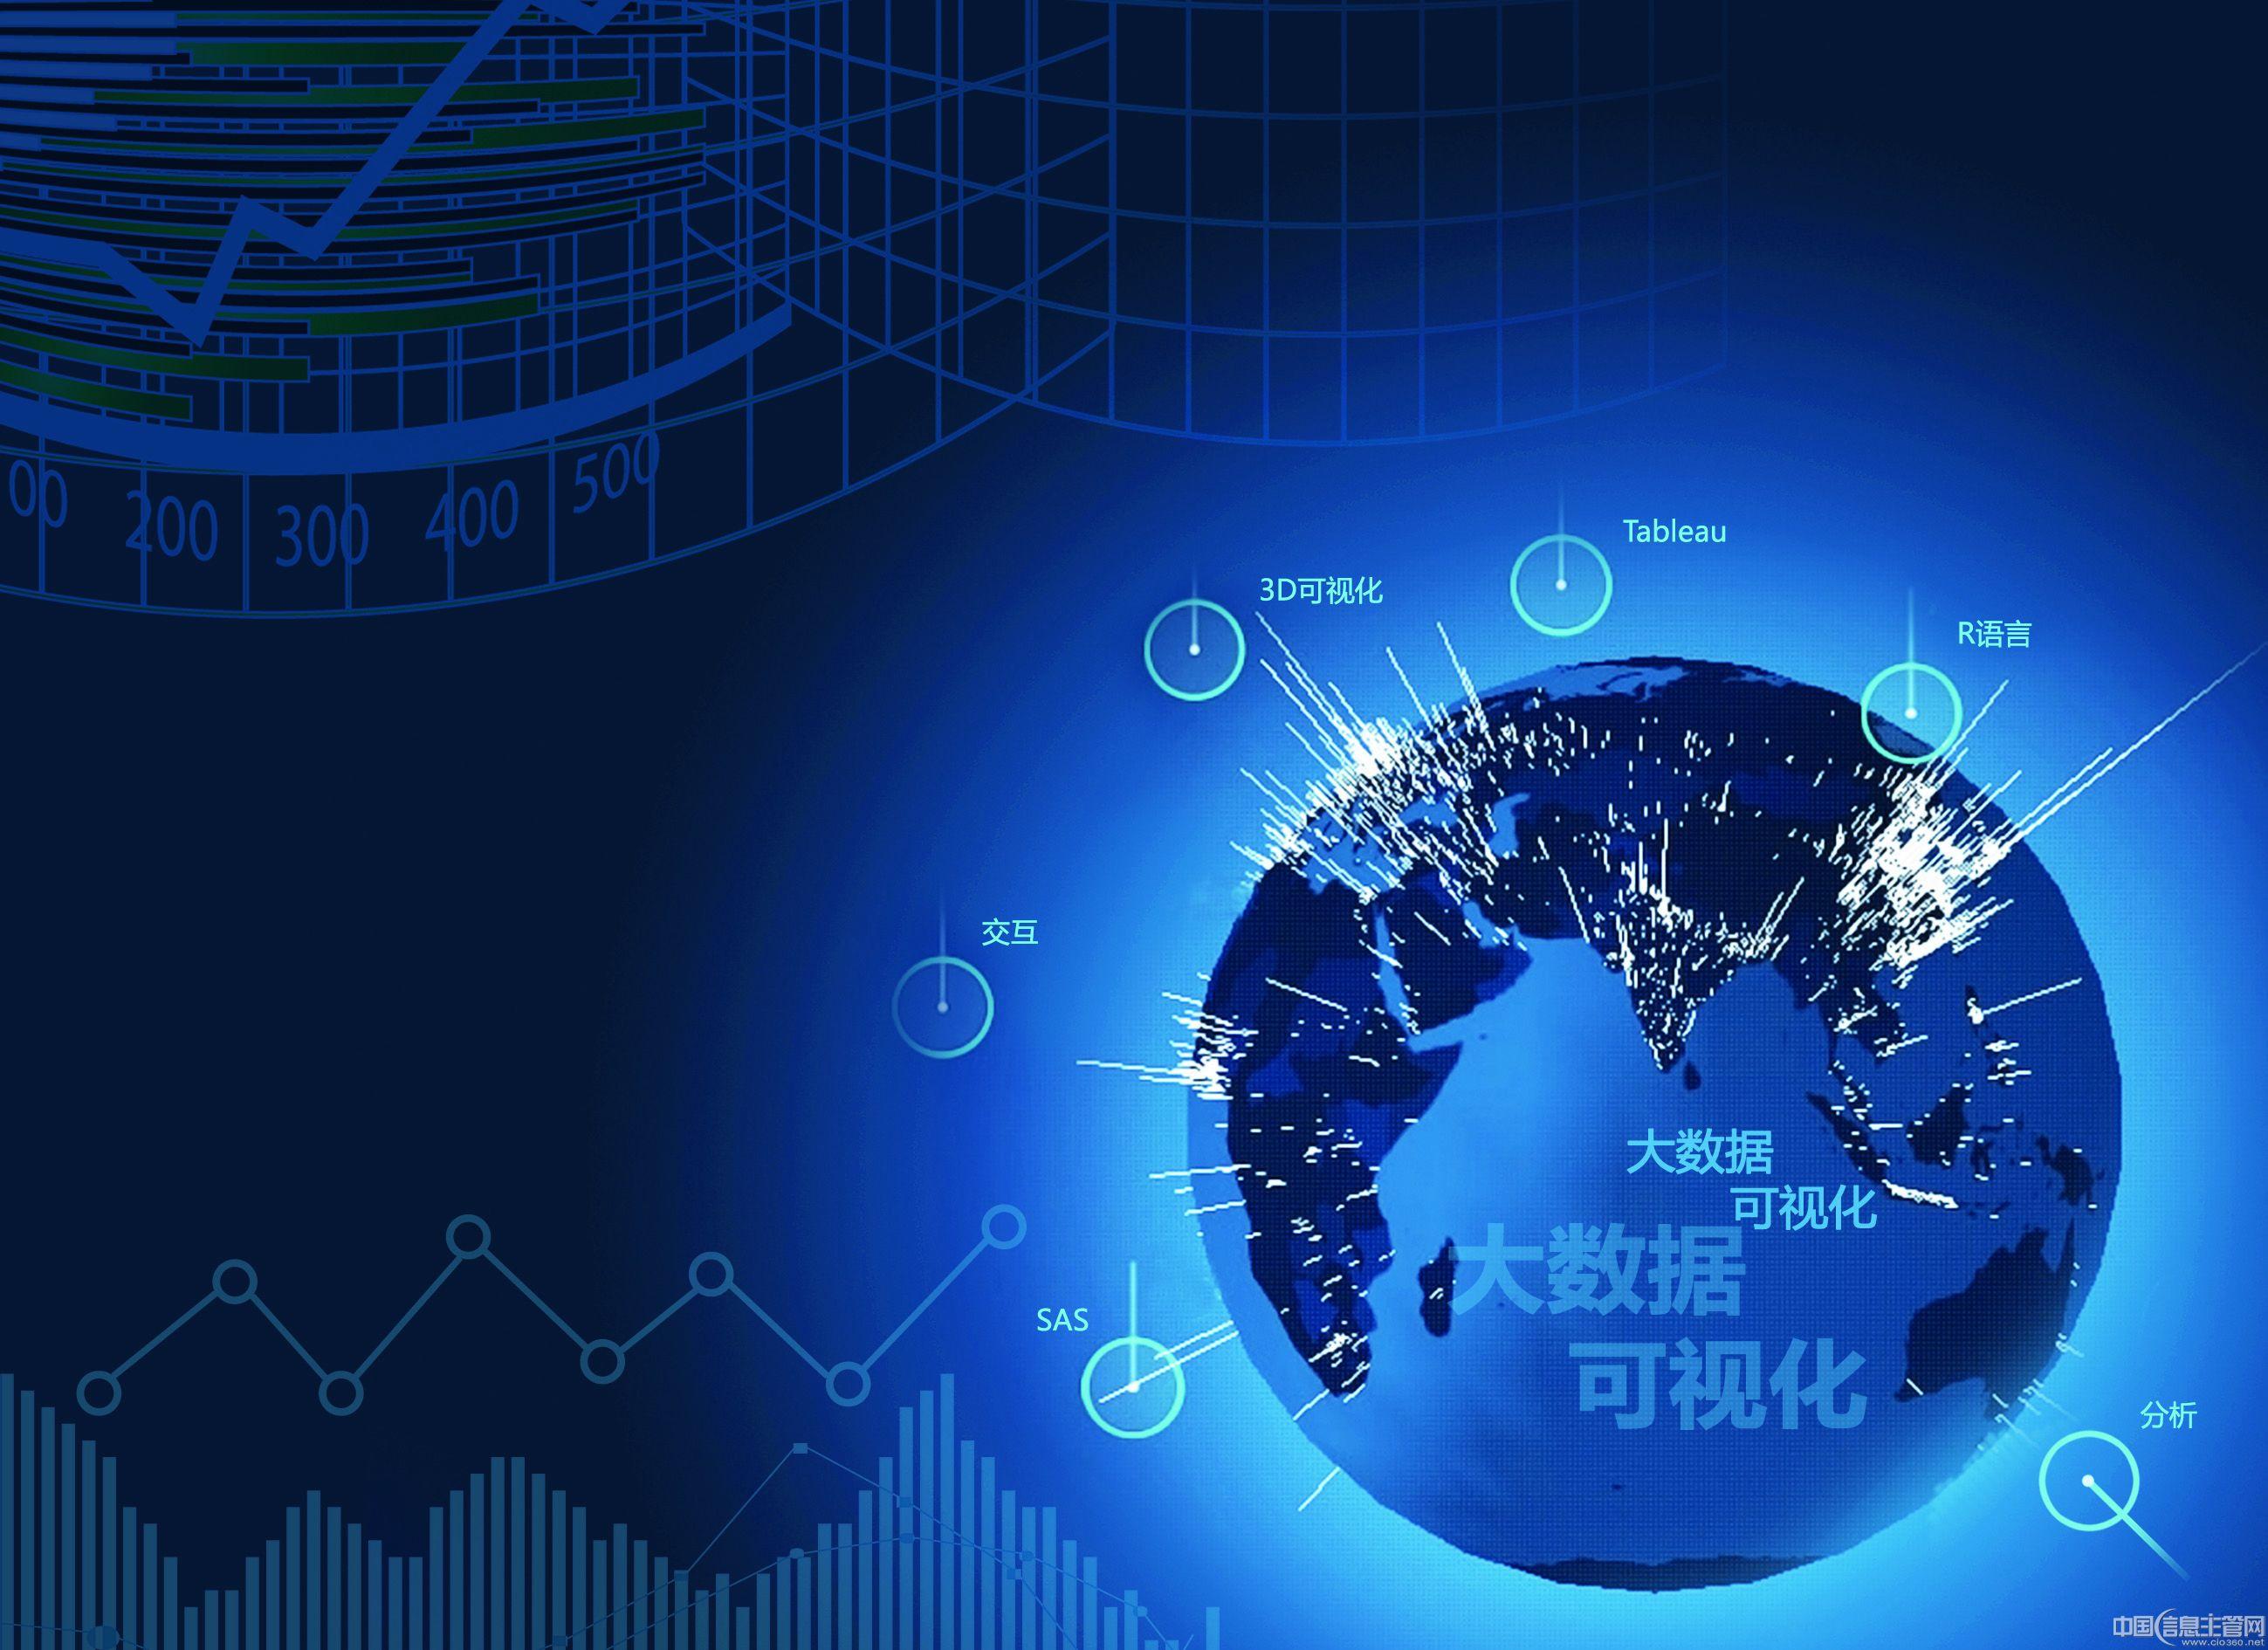 山东启动省数据大厅建设工作 计划年底建成使用